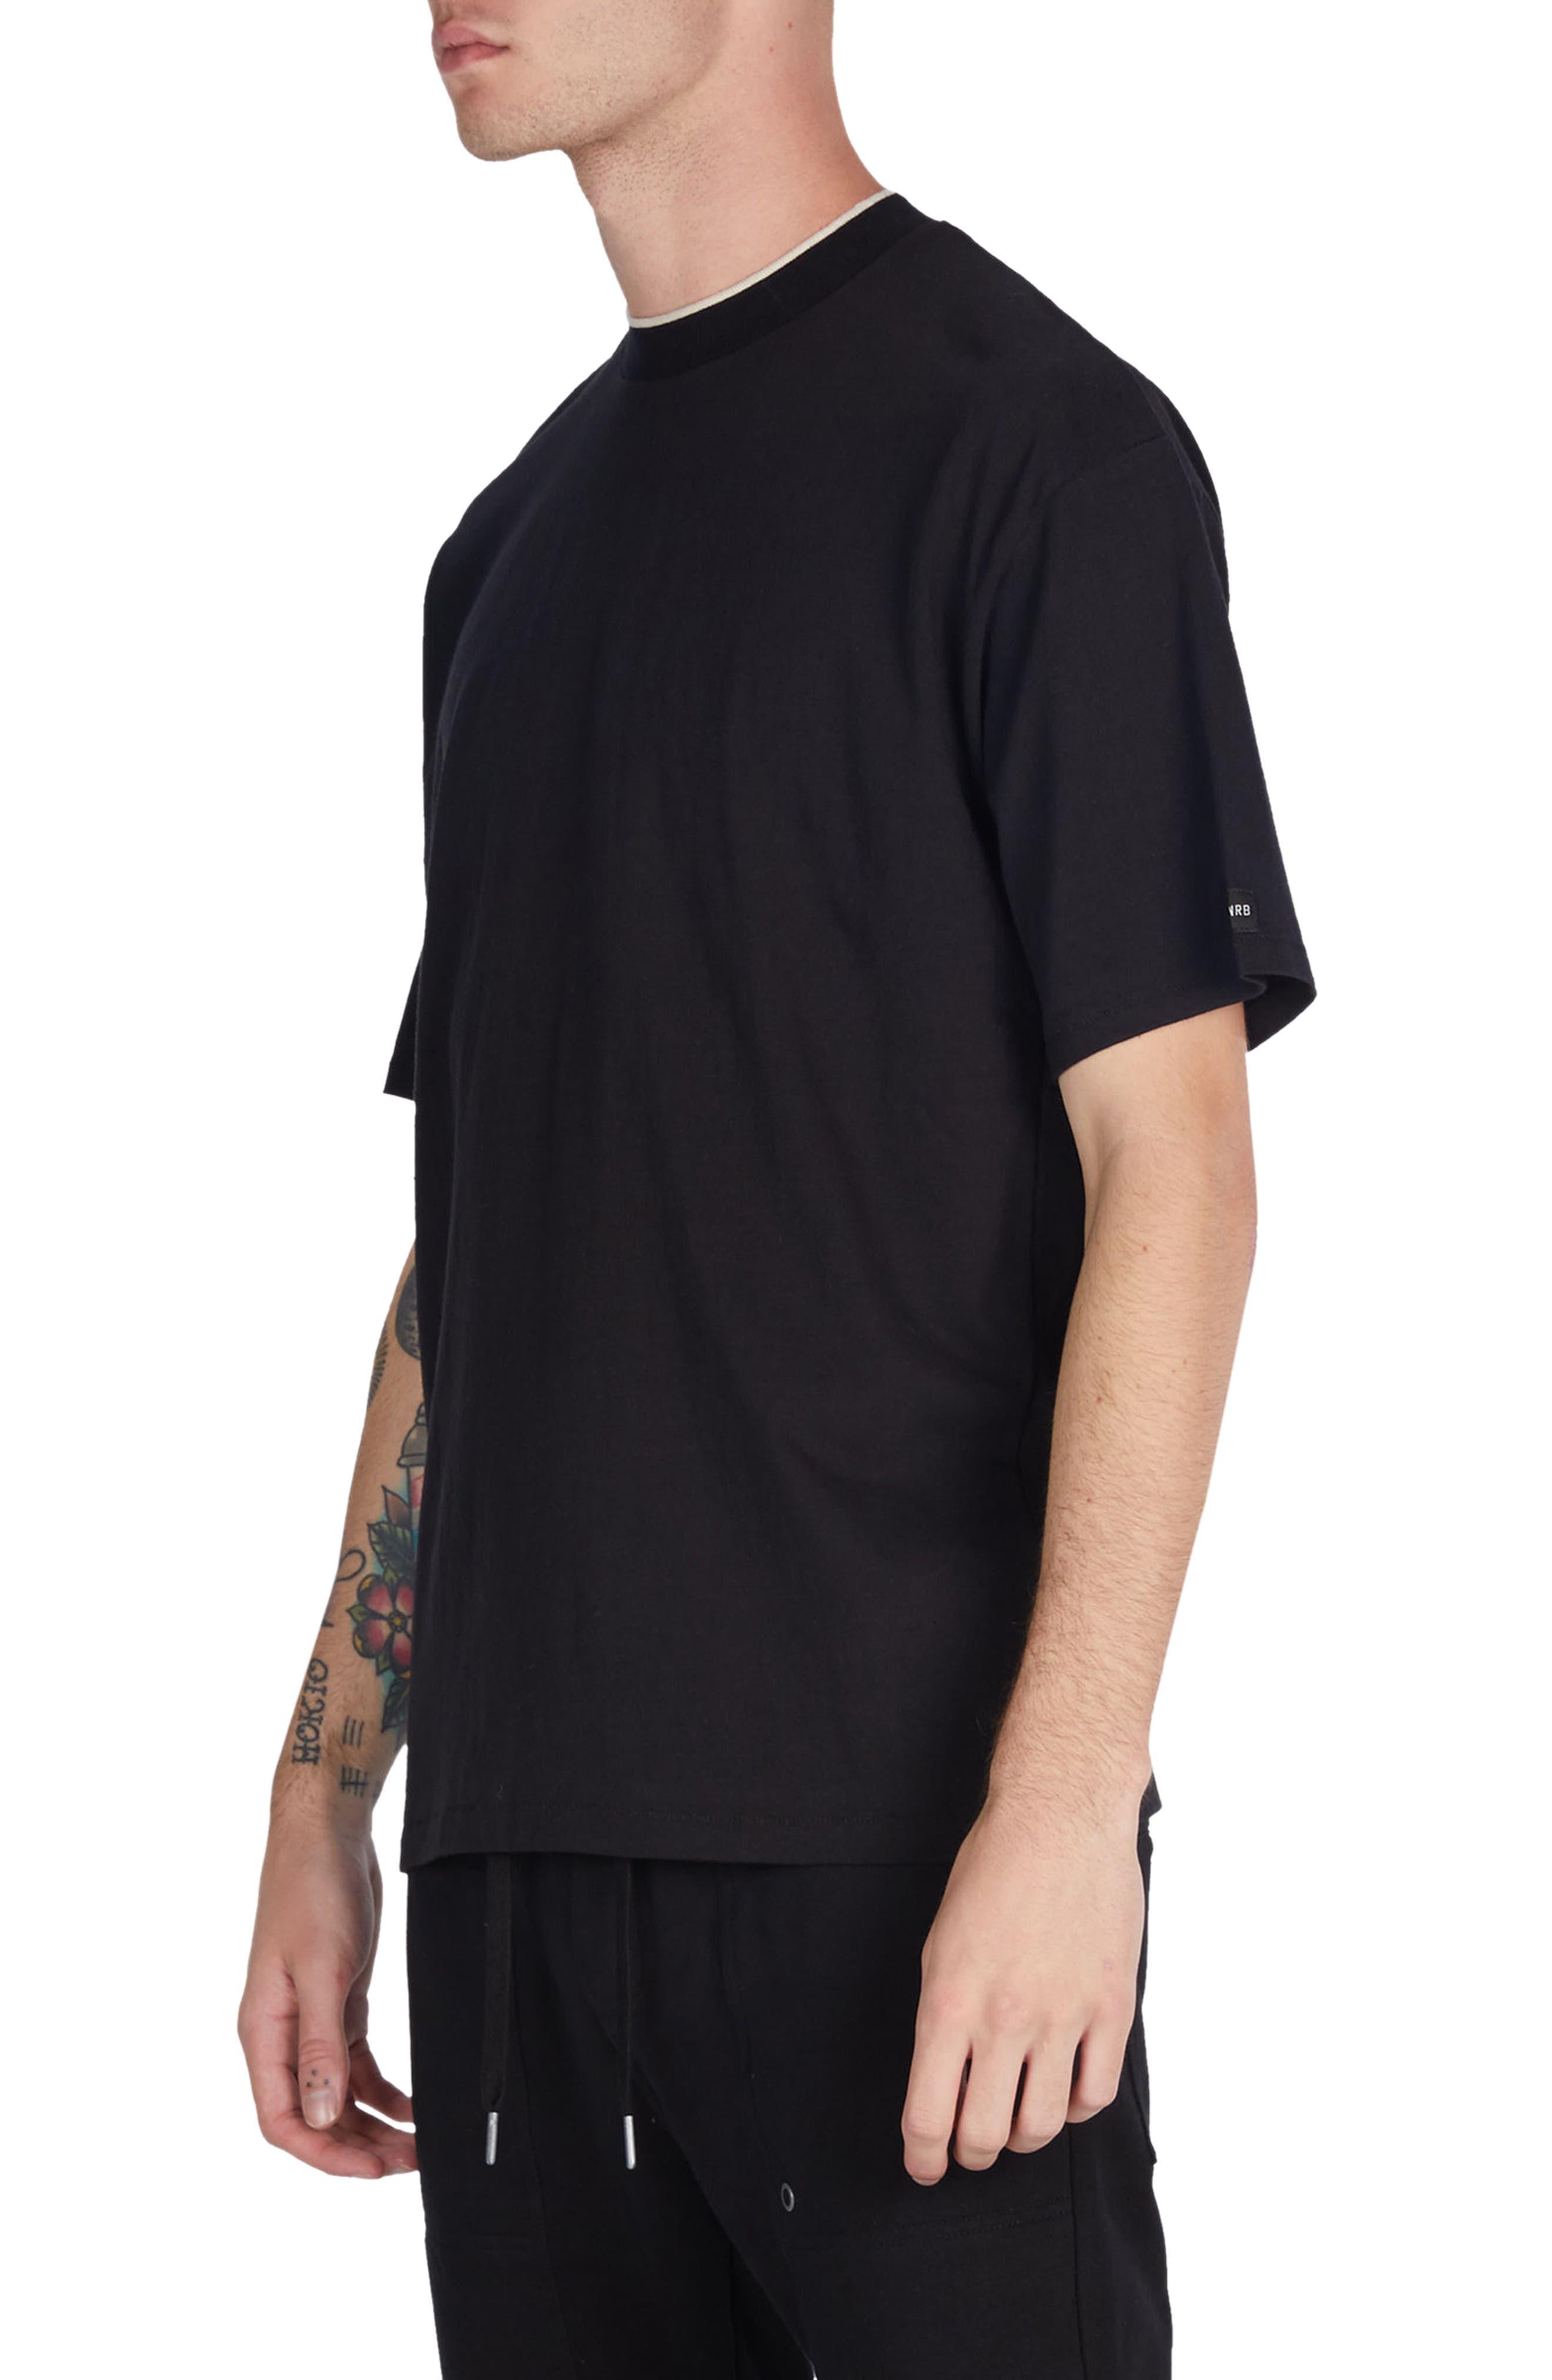 Tip Box T-Shirt,                             Alternate thumbnail 4, color,                             001